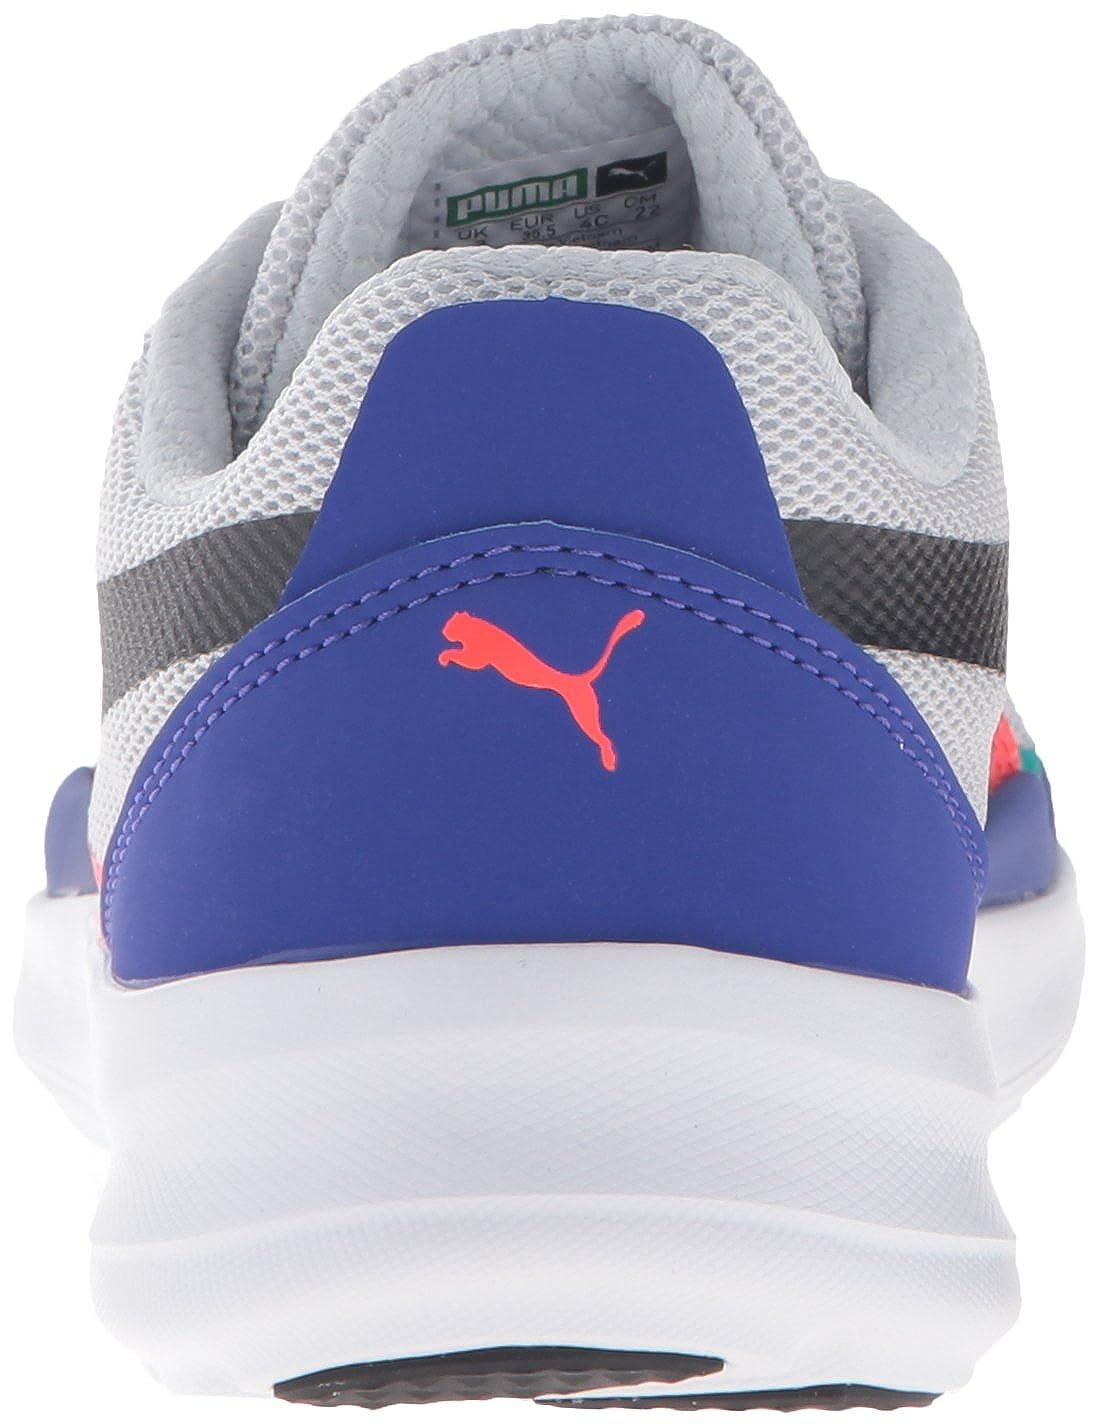 K Glacier Gray//Puma Black 4.5 M US Big Kid DUPLEX EVO JR Big Kid PUMA Duplex Evo Kids Sneaker